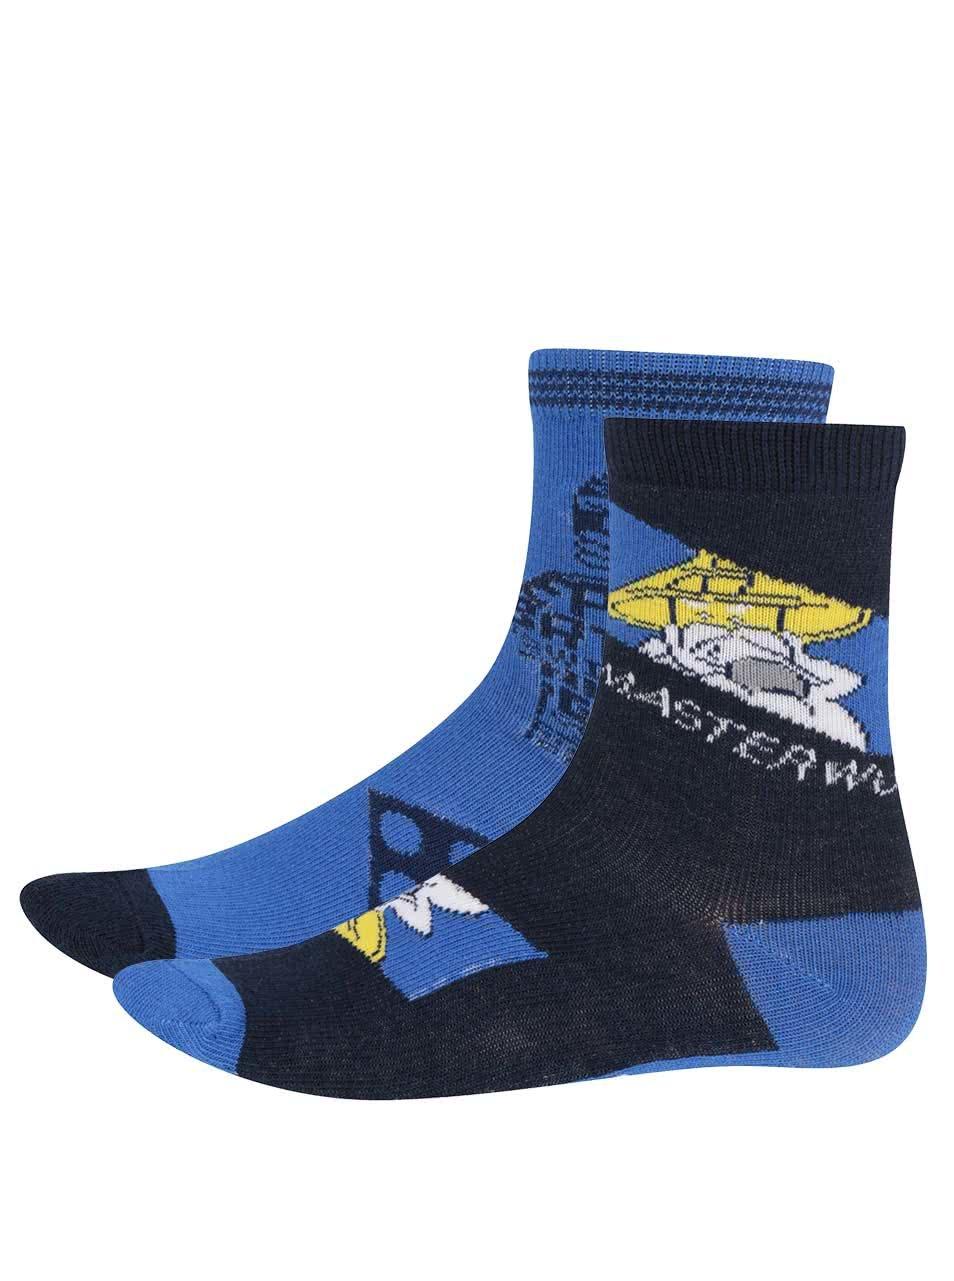 Sada dvou párů klučičích ponožek v modré barvě s potiskem LEGO Wear Ayan